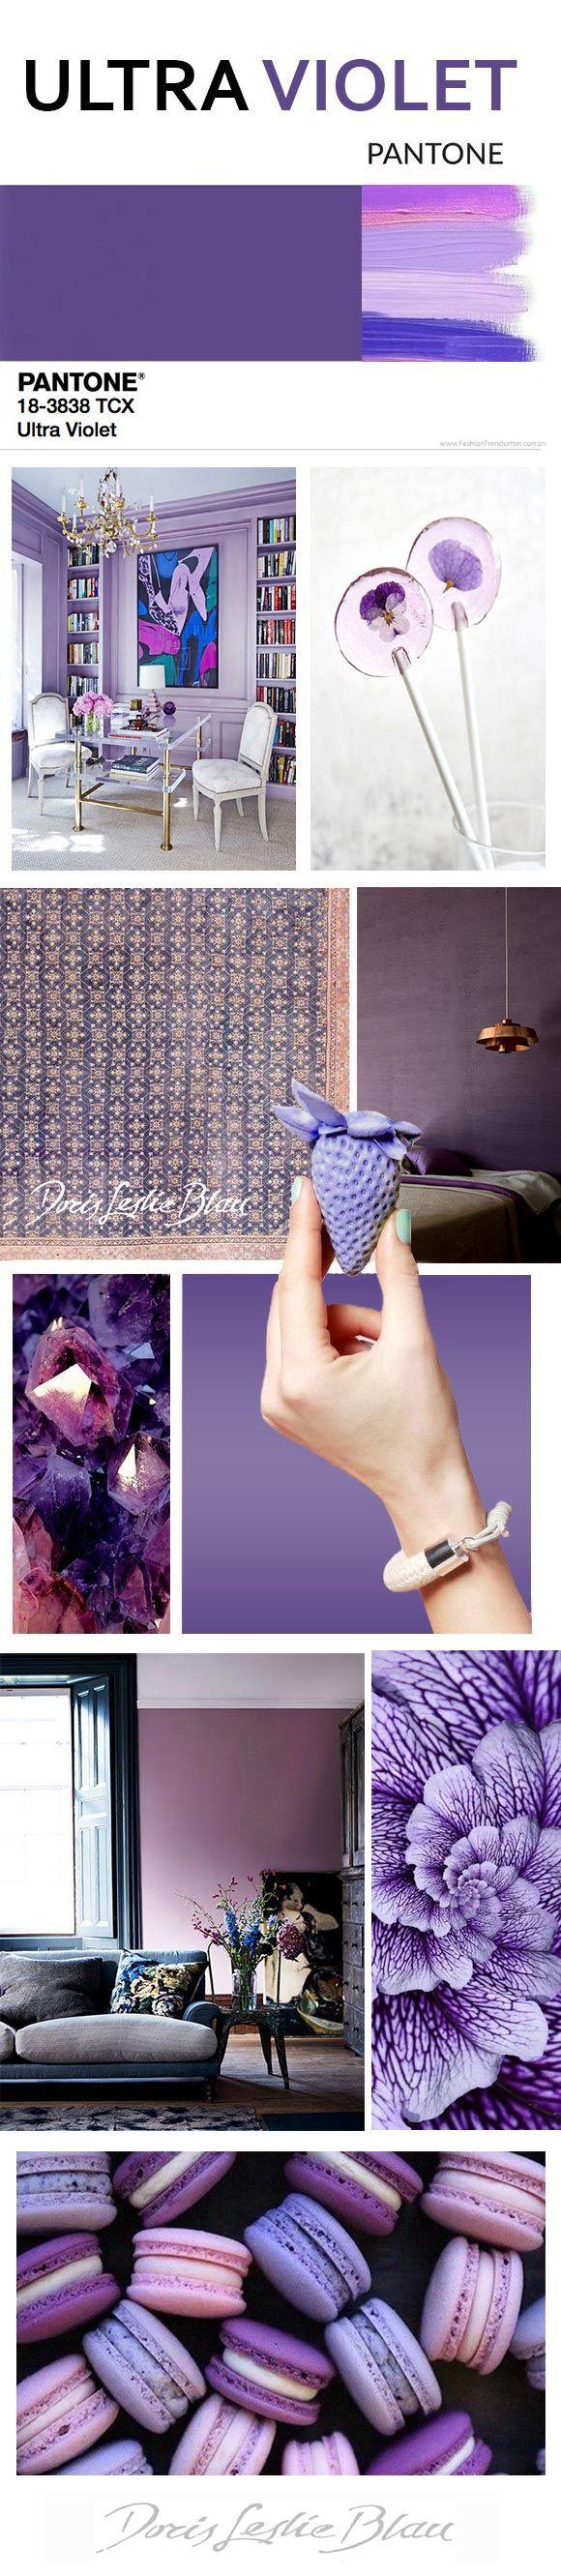 Ultra Violet: Pantone color of the 2018, violet interior decor #ultraviolet